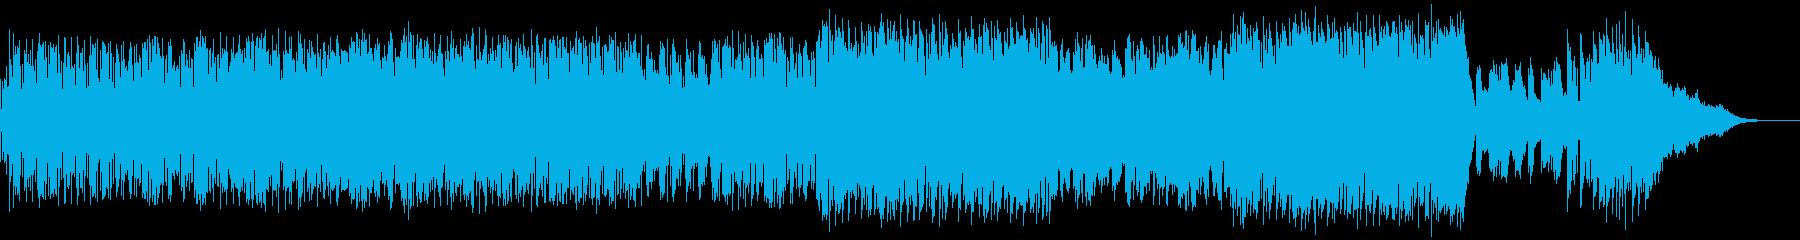 沖縄音階だけで作りました!漂う南国の風…の再生済みの波形